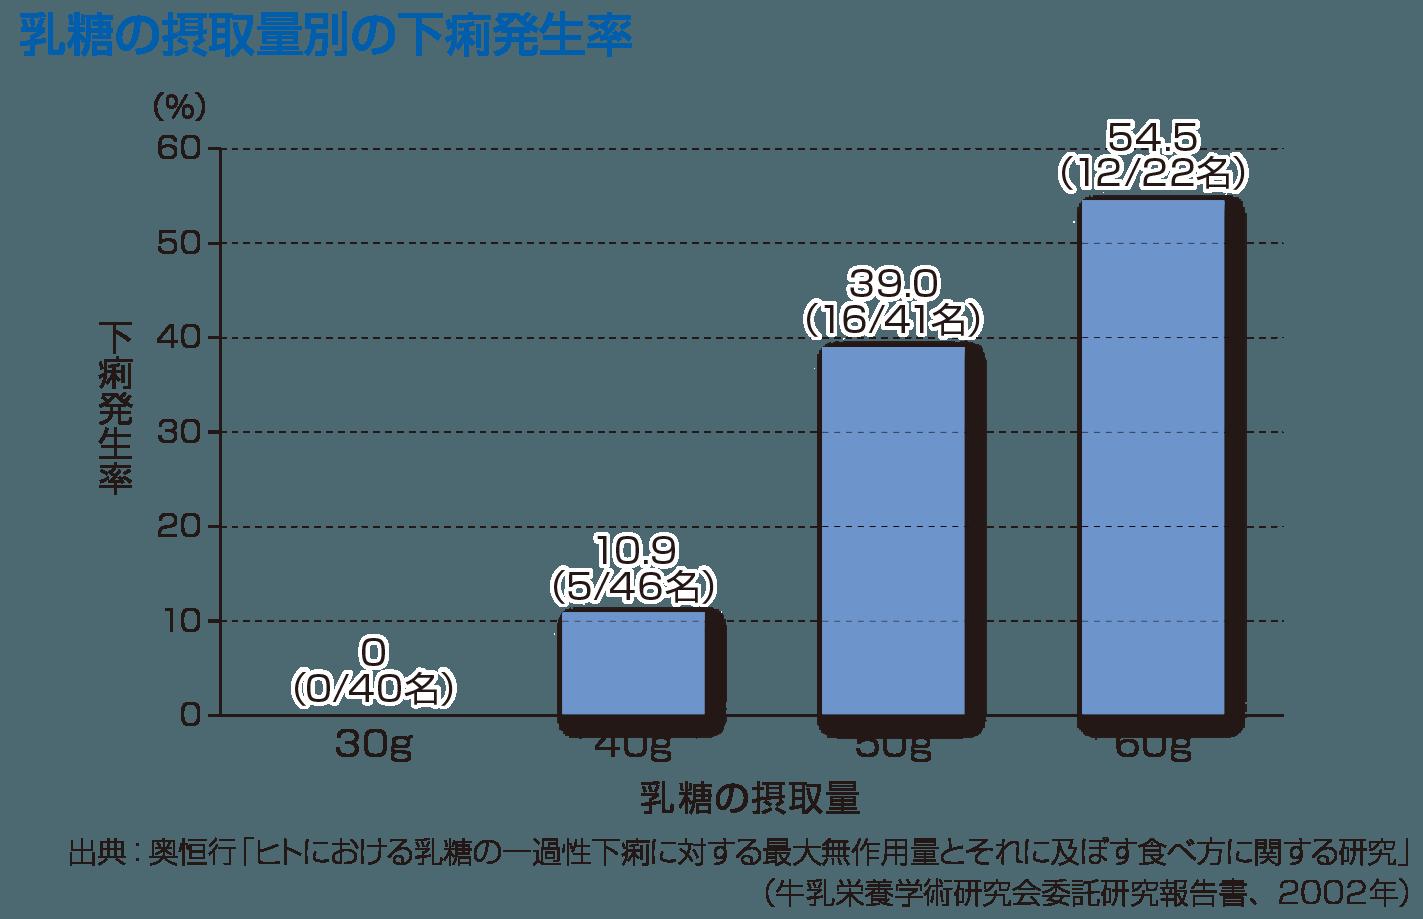 乳糖の摂取量別の下痢発生率